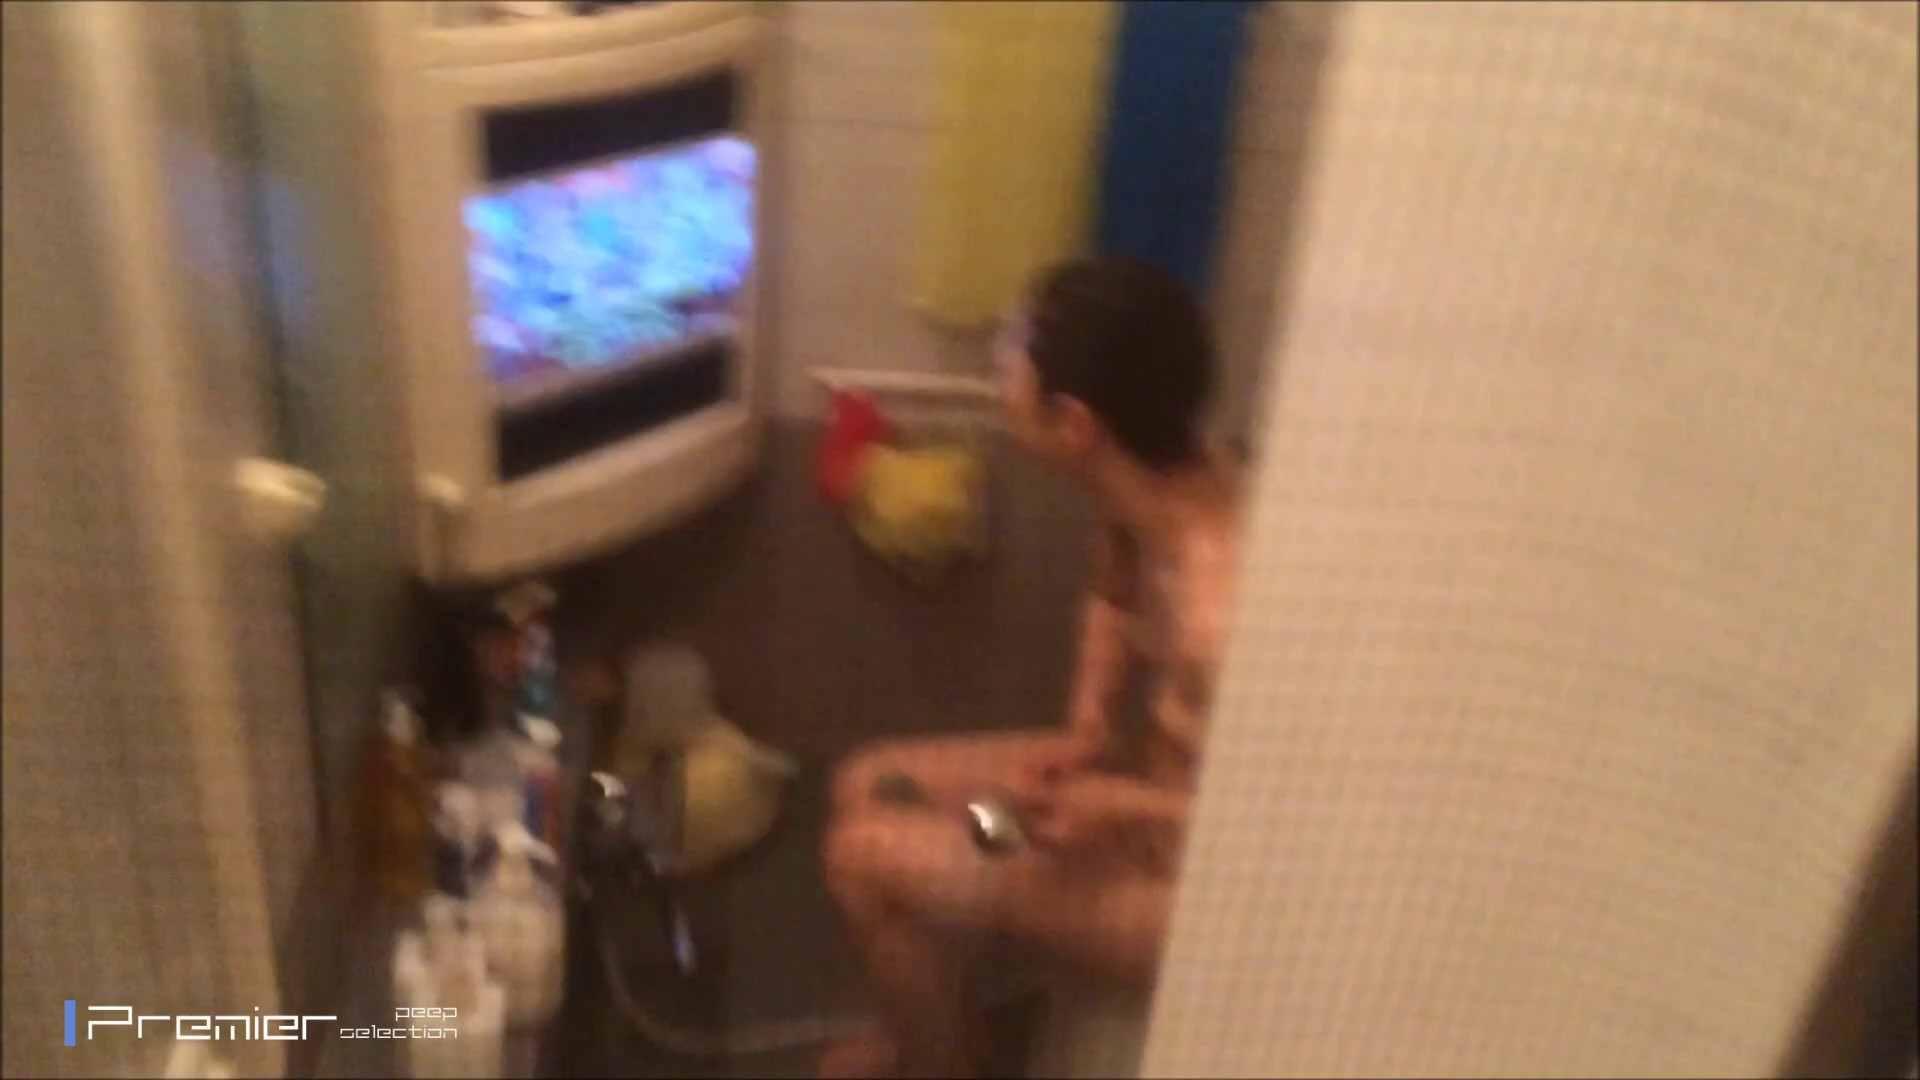 美女のテレビを見ながらの入浴 乙女の風呂場 Vol.21 高評価 AV無料動画キャプチャ 85枚 53